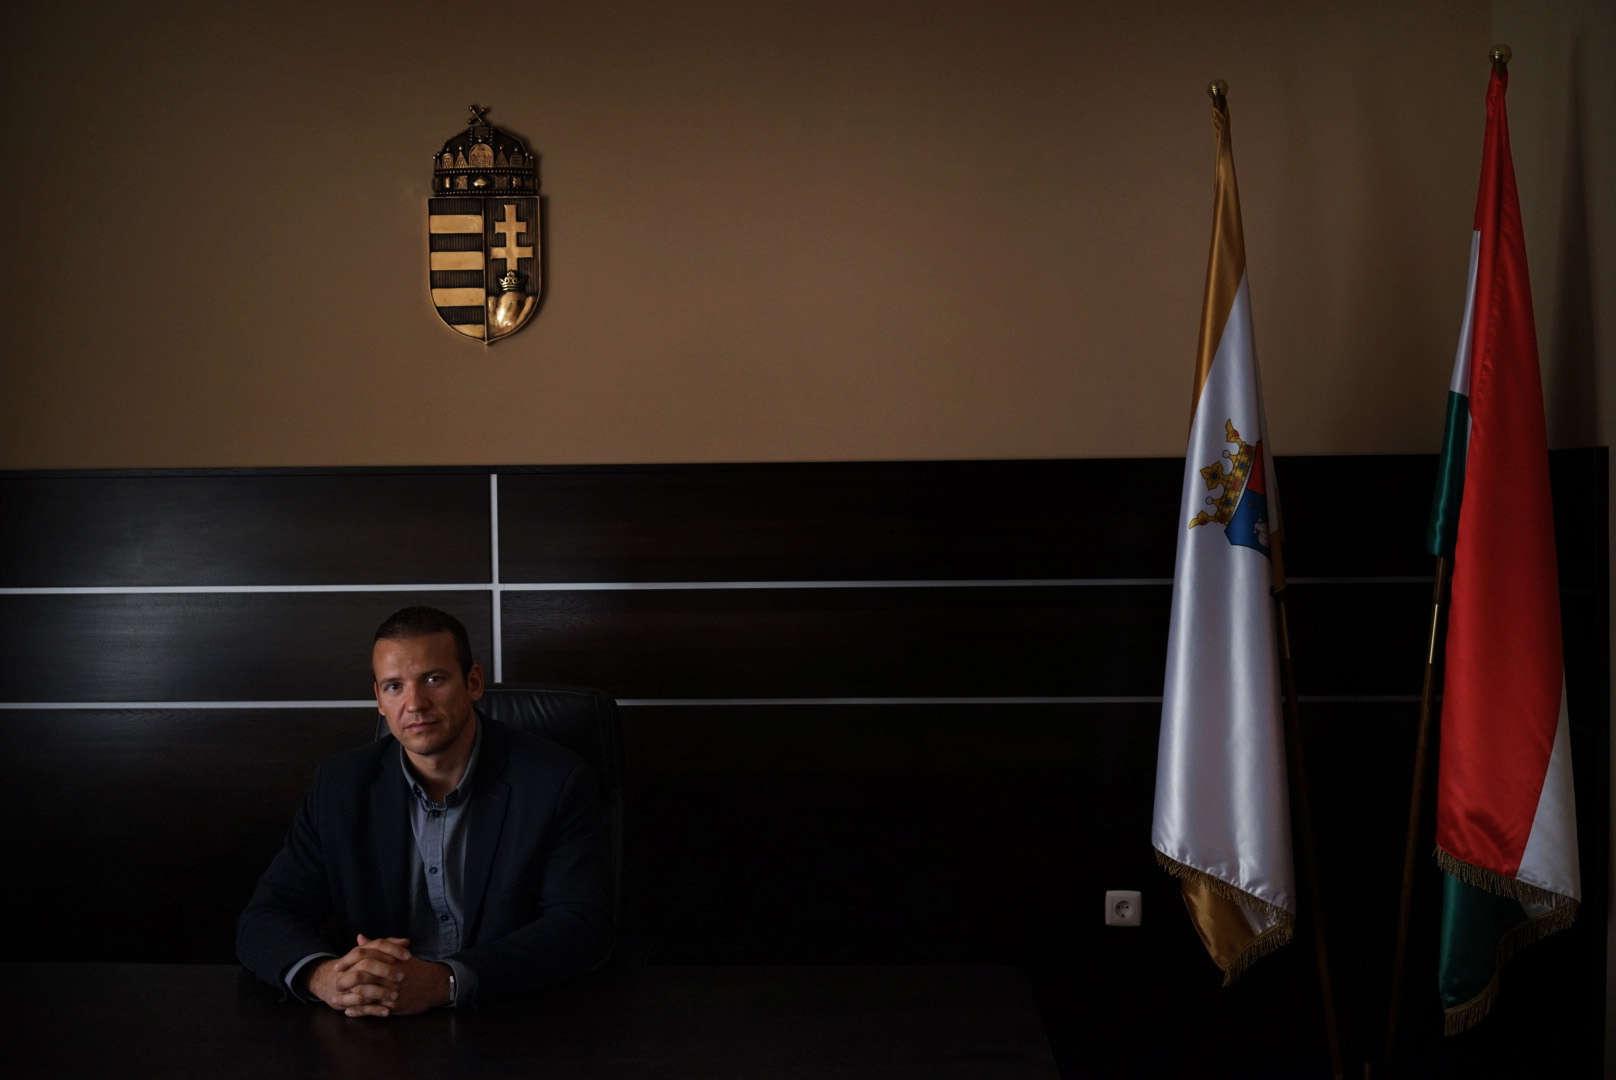 László Toroczkai, le maire d'Ásotthalom, la commune hongroise située de l'autre côté de la frontière, dans son bureau. Il est le vice président du parti d'extrême droite Jobbik.